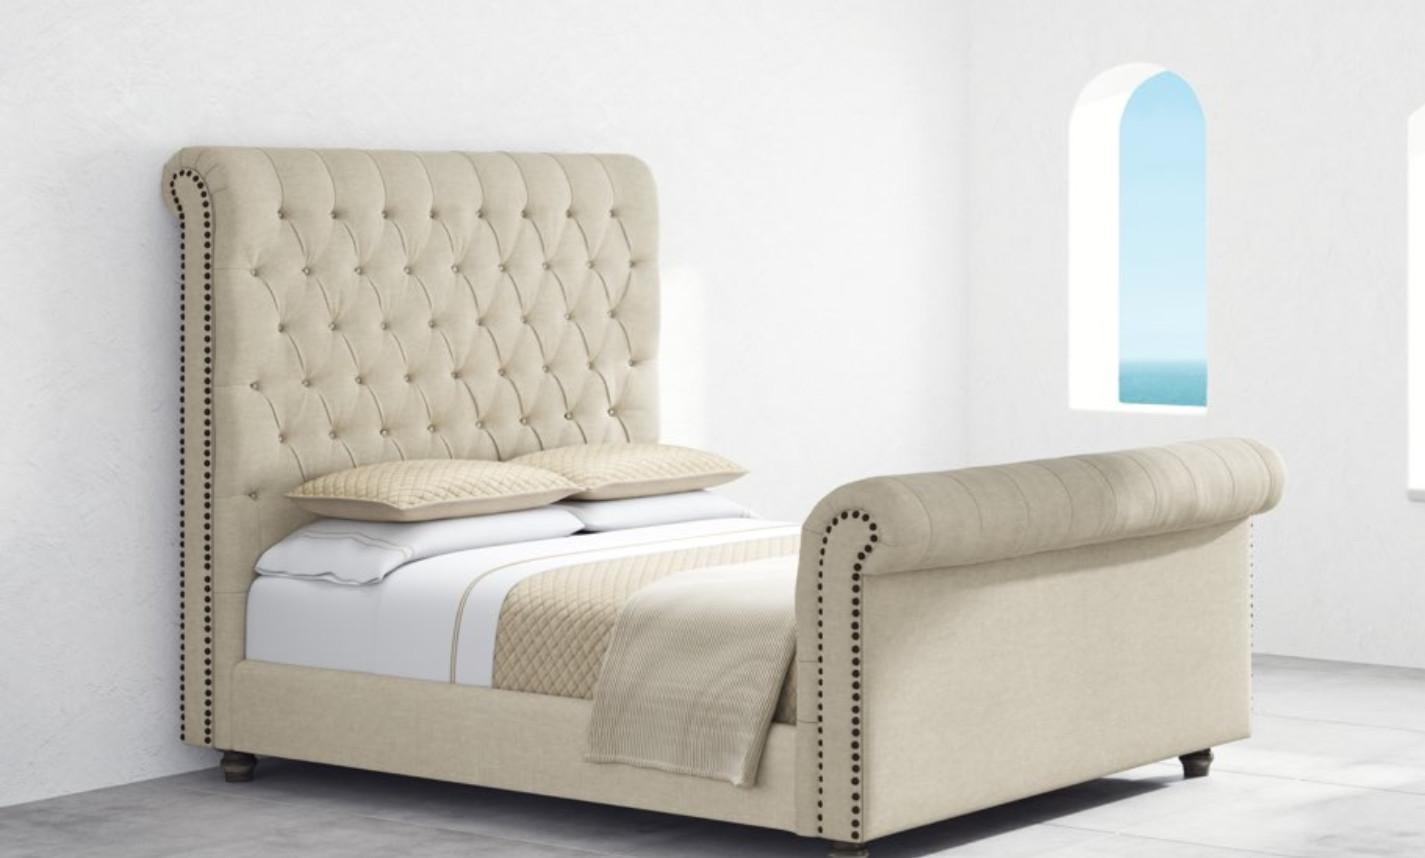 review over the saatva designer bed frames